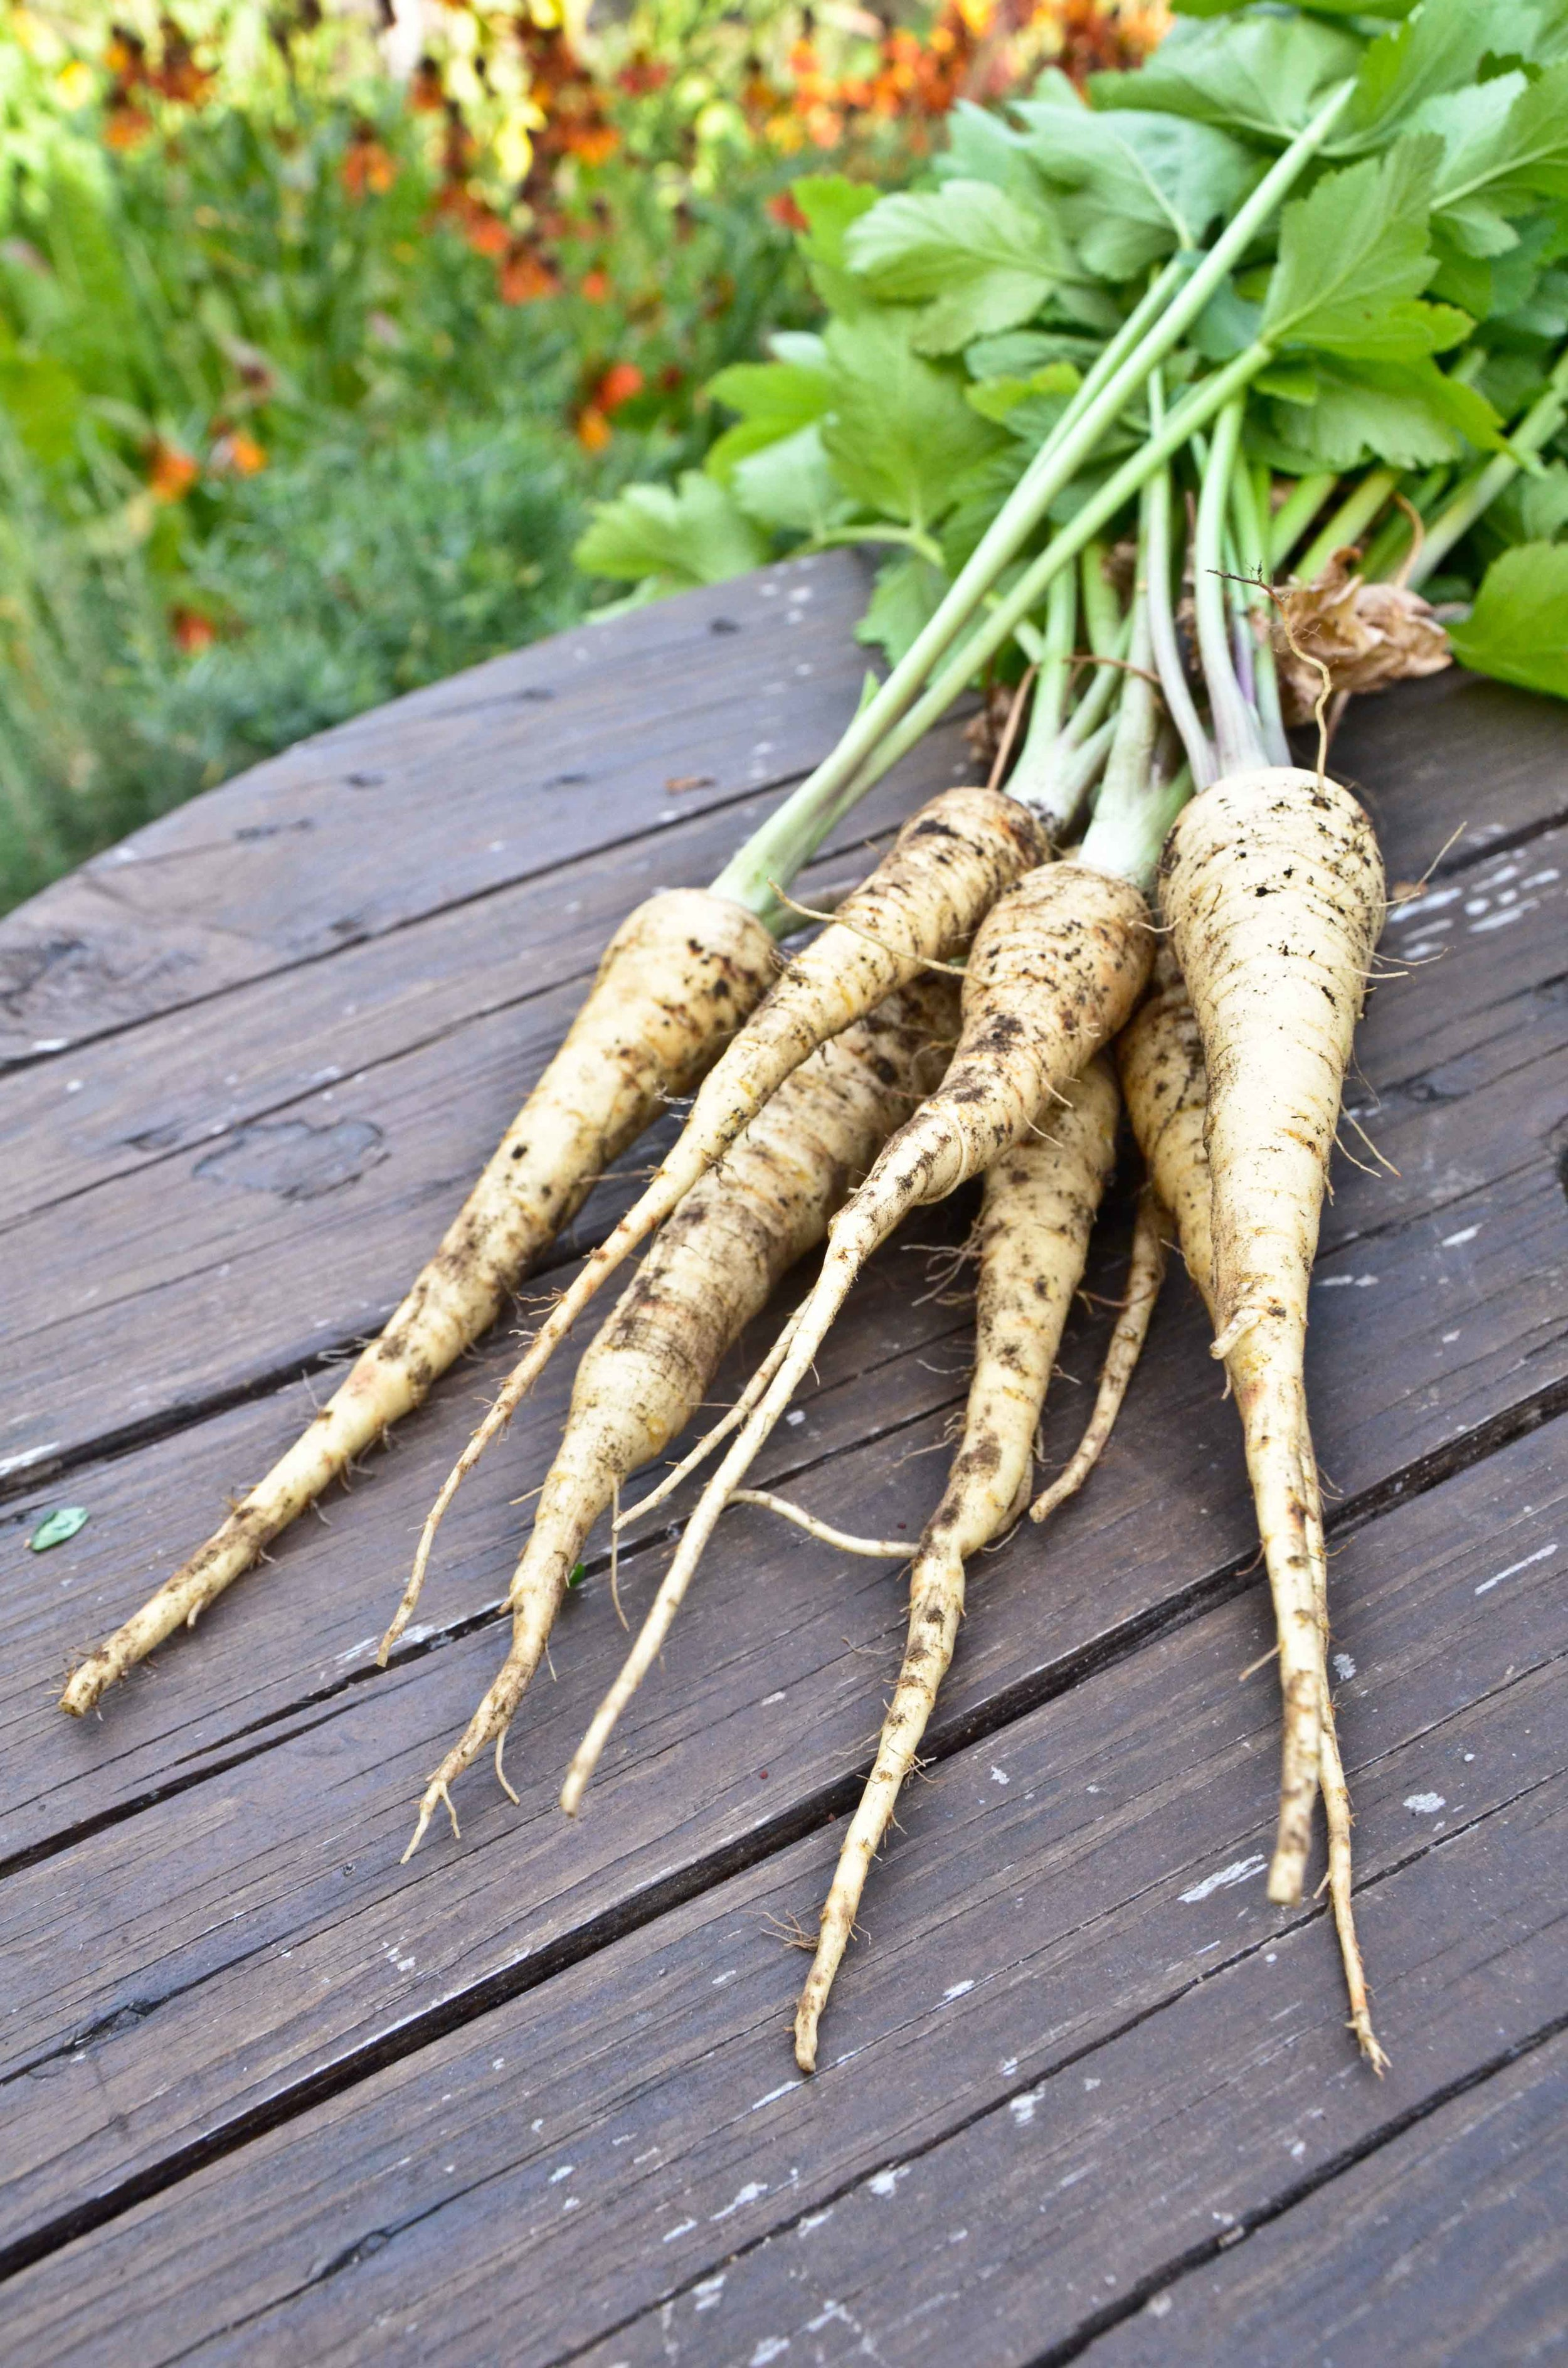 Harvested Parsnips